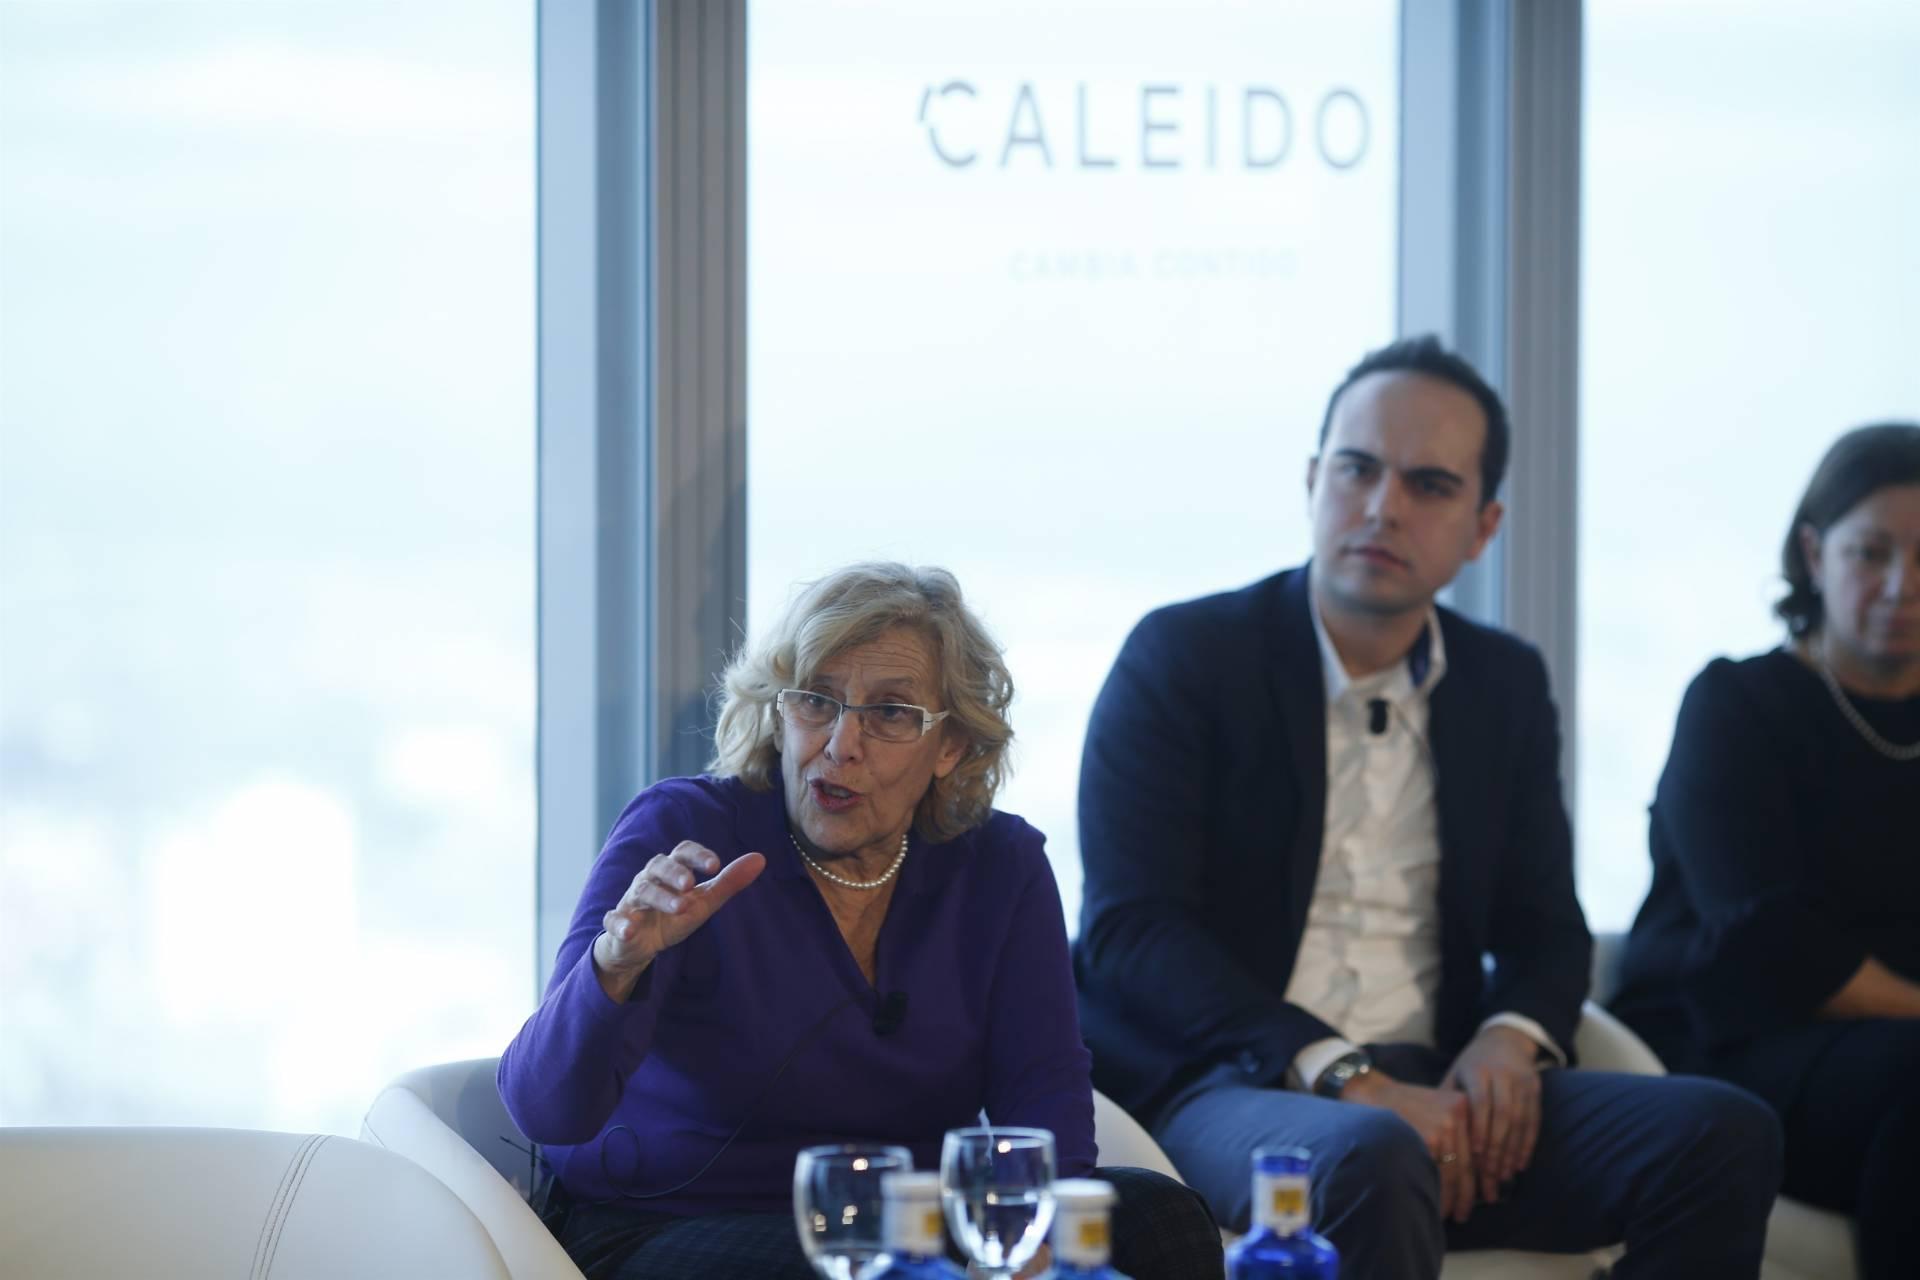 La alcaldesa de Madrid, Manuela Carmena, y el concejal de Urbanismo, José Manuel Calvo, en la presentación de la quinta torre de OHL.